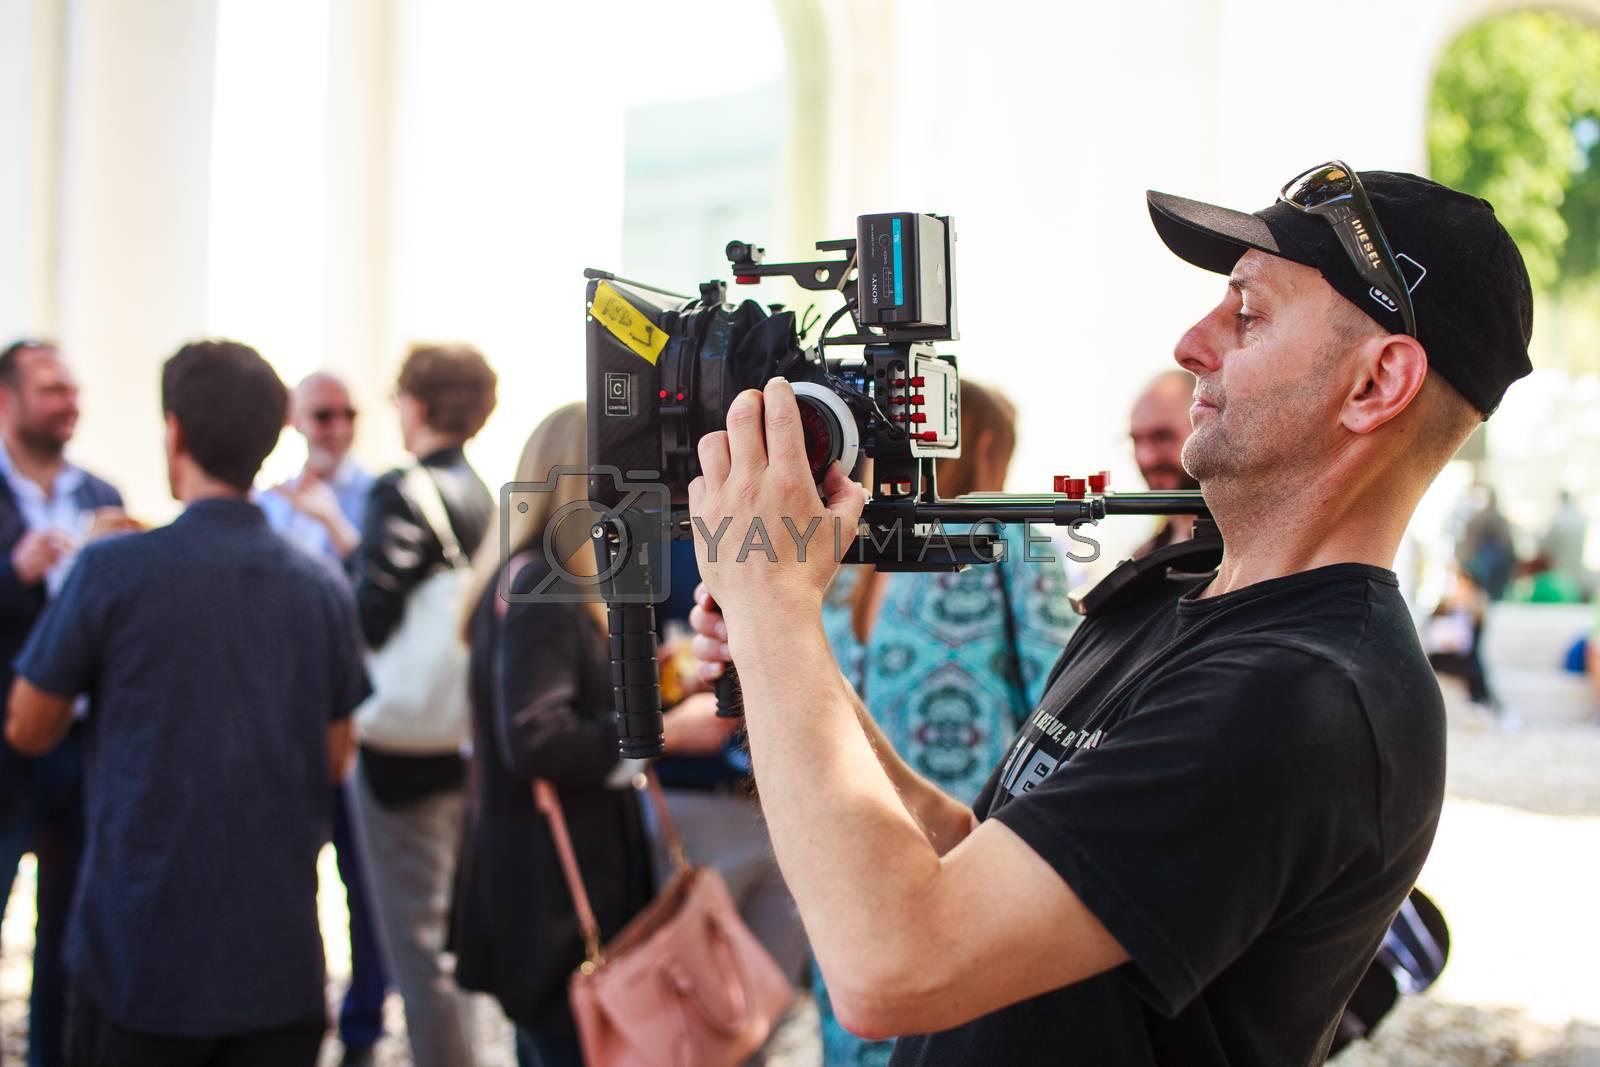 Cameraman by bepsimage